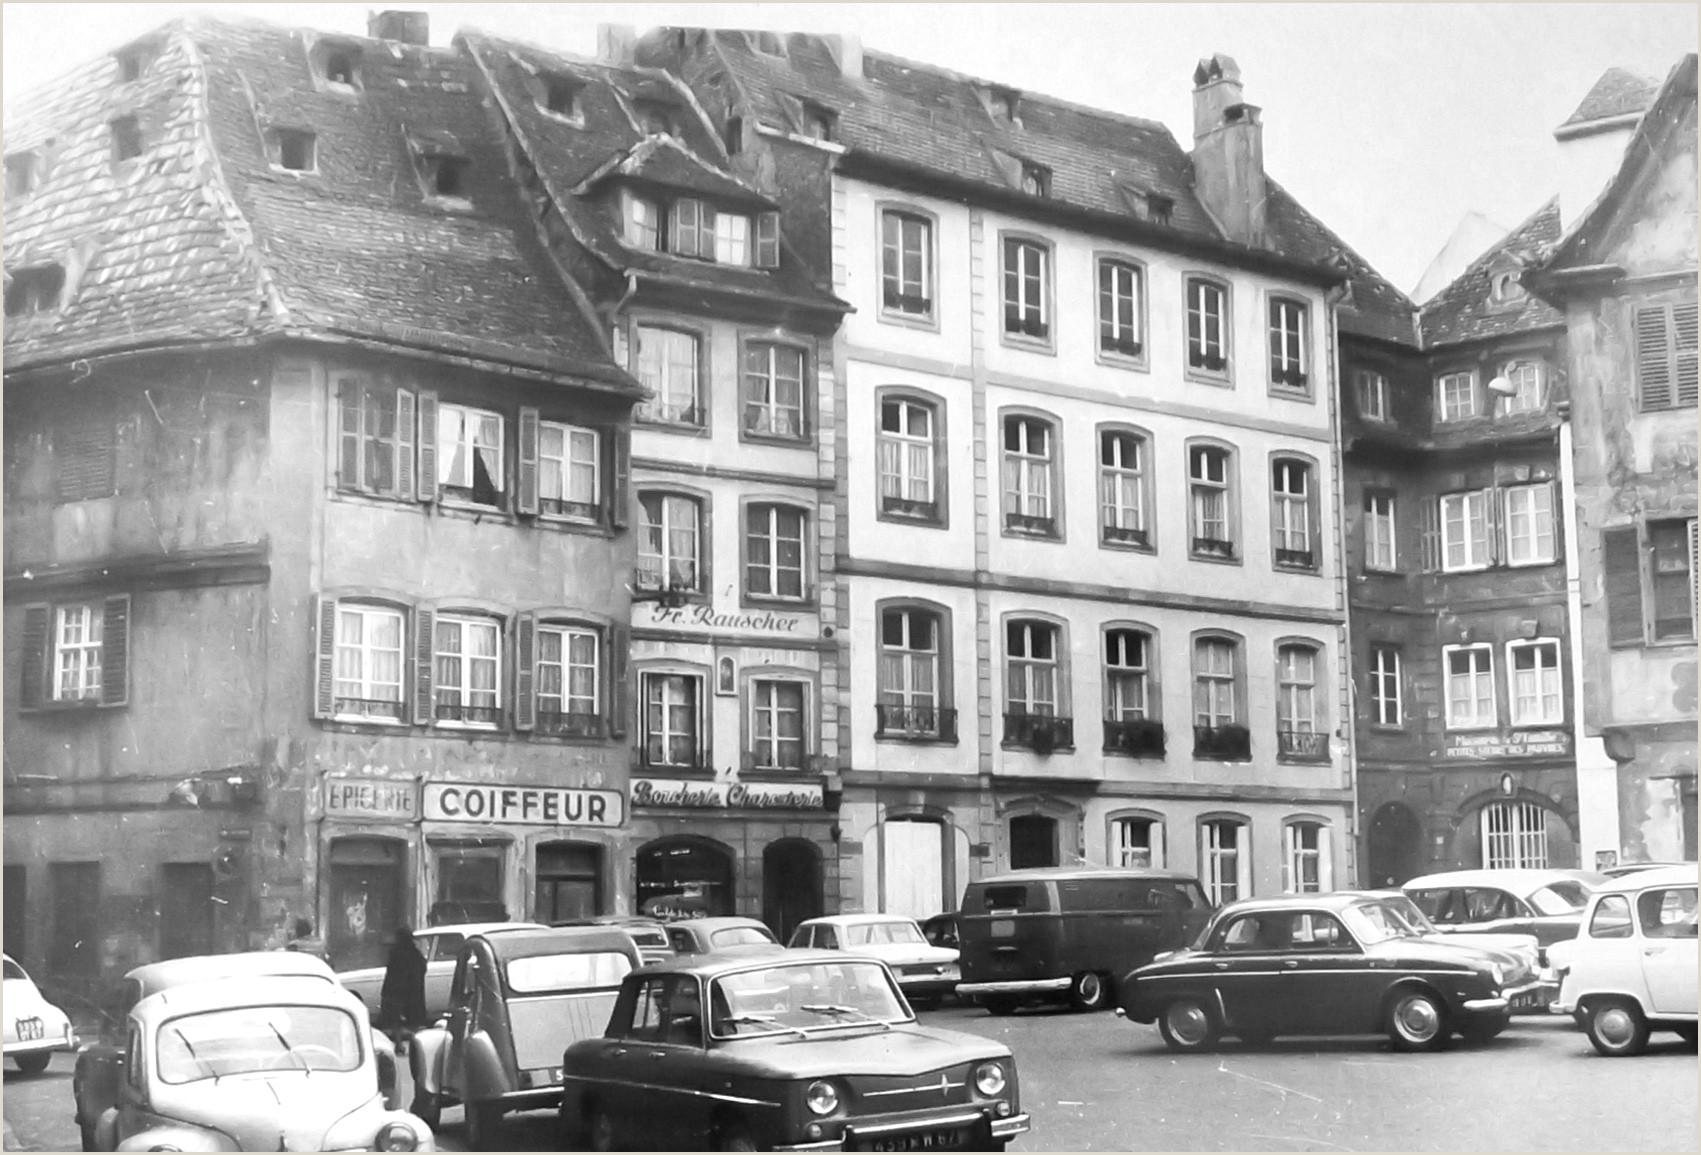 Curriculum Academico Simples Maisons De Strasbourg Résultats De Recherche Place